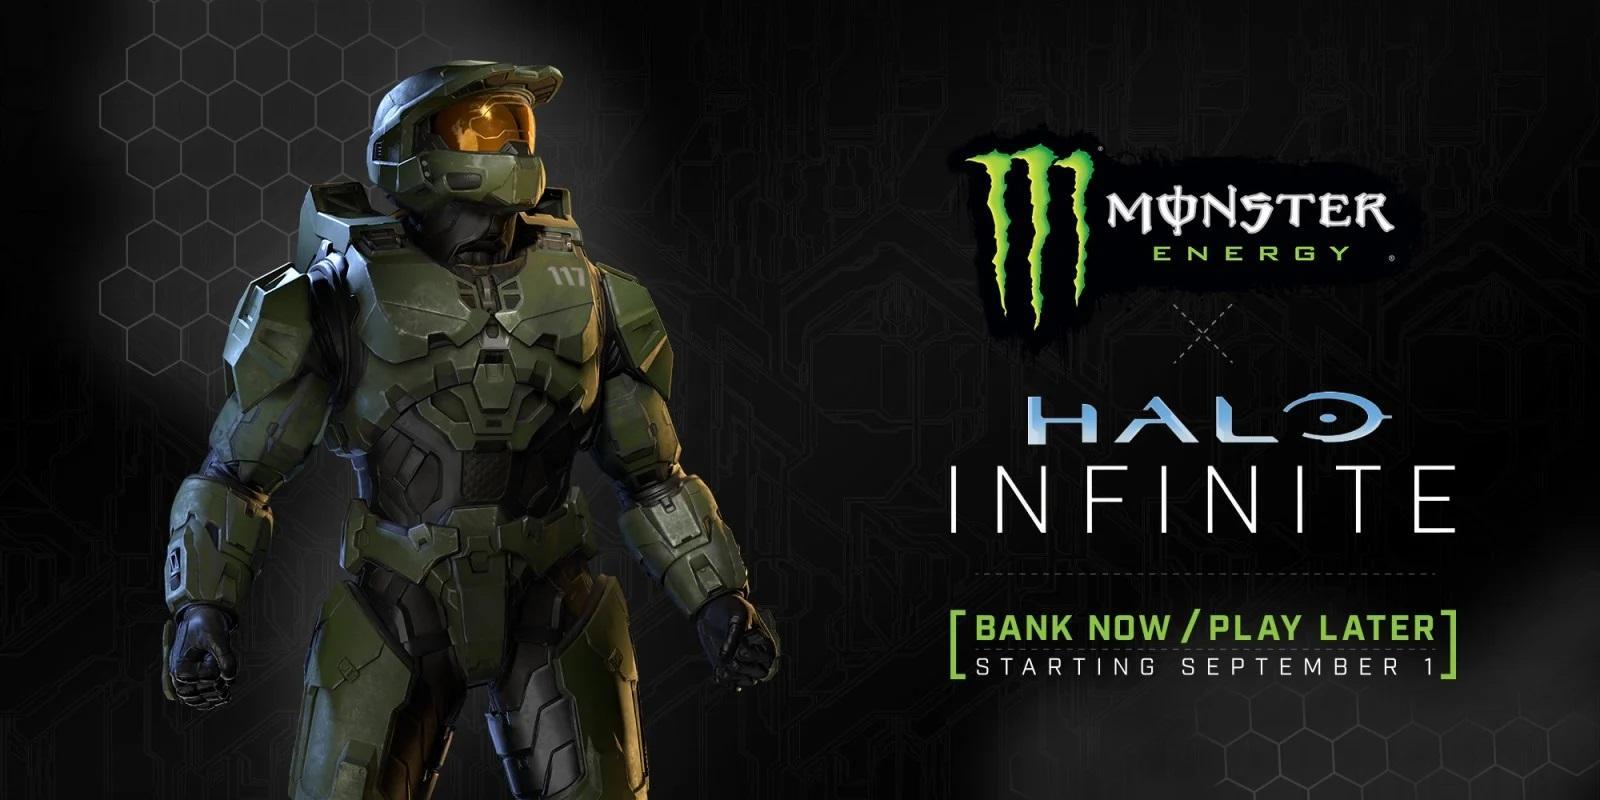 Halo Infinite S'associe à Monster Energy: Conception D'arme Et Augmentation